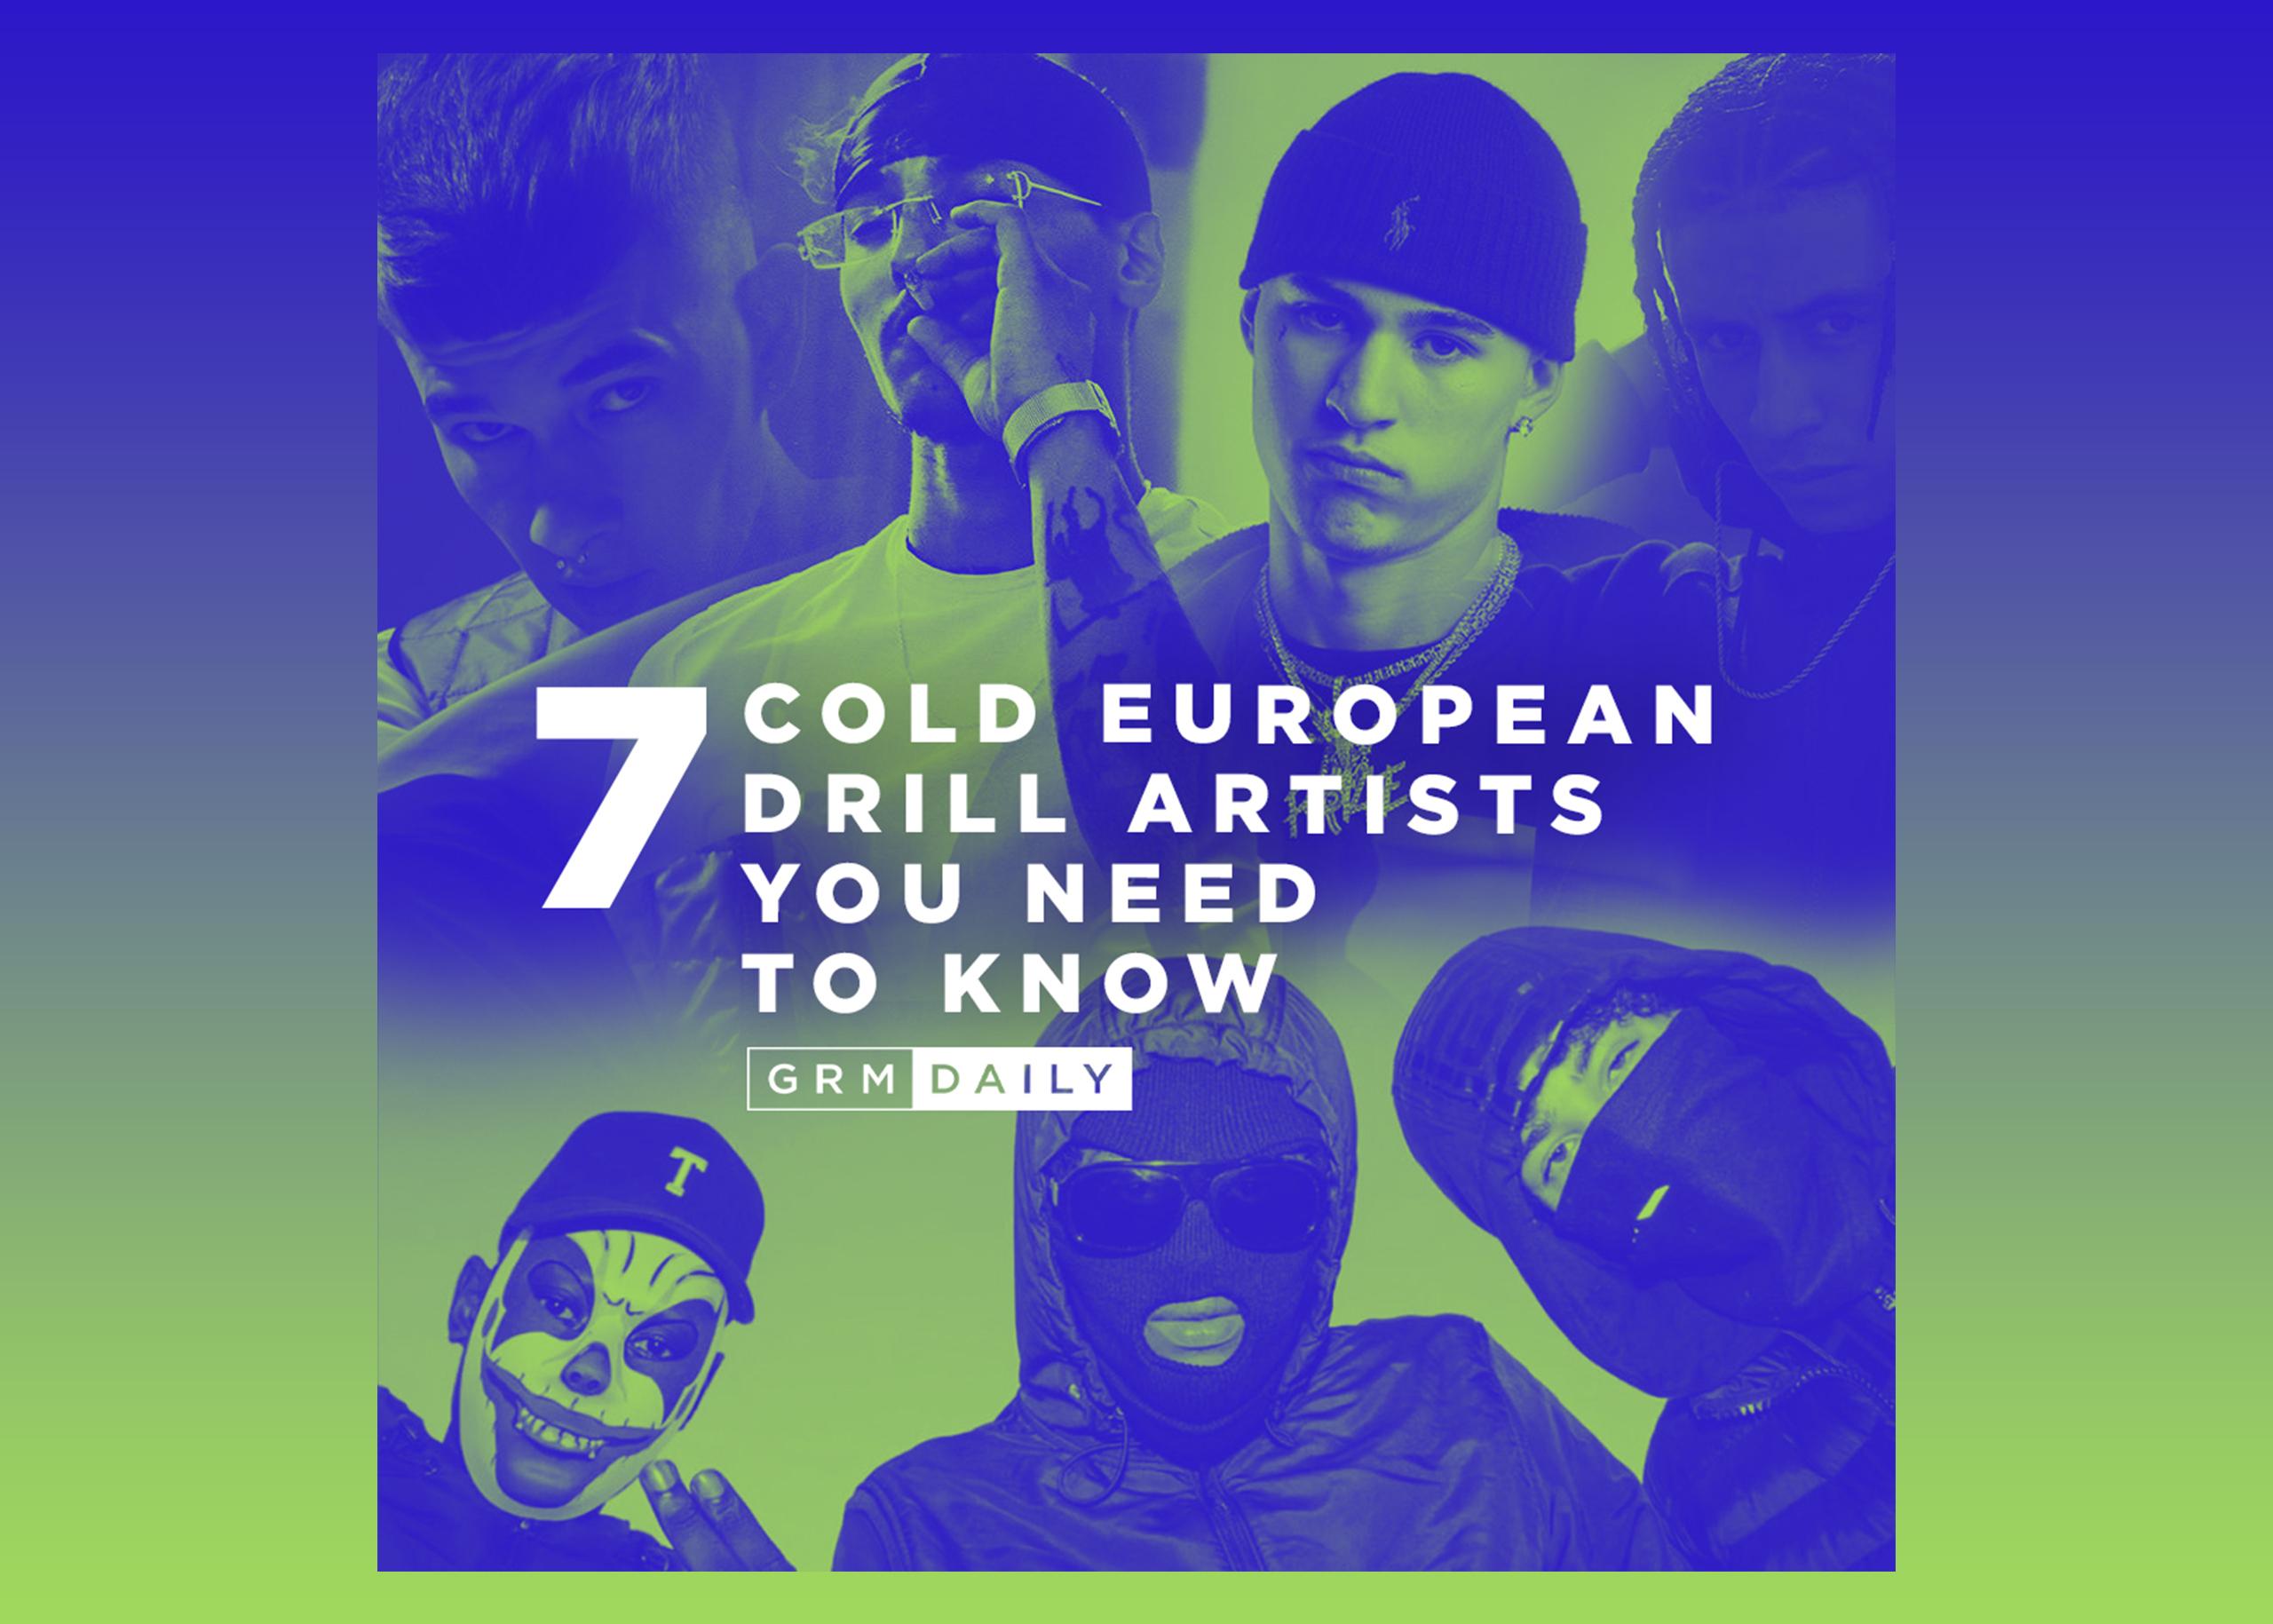 European Drill